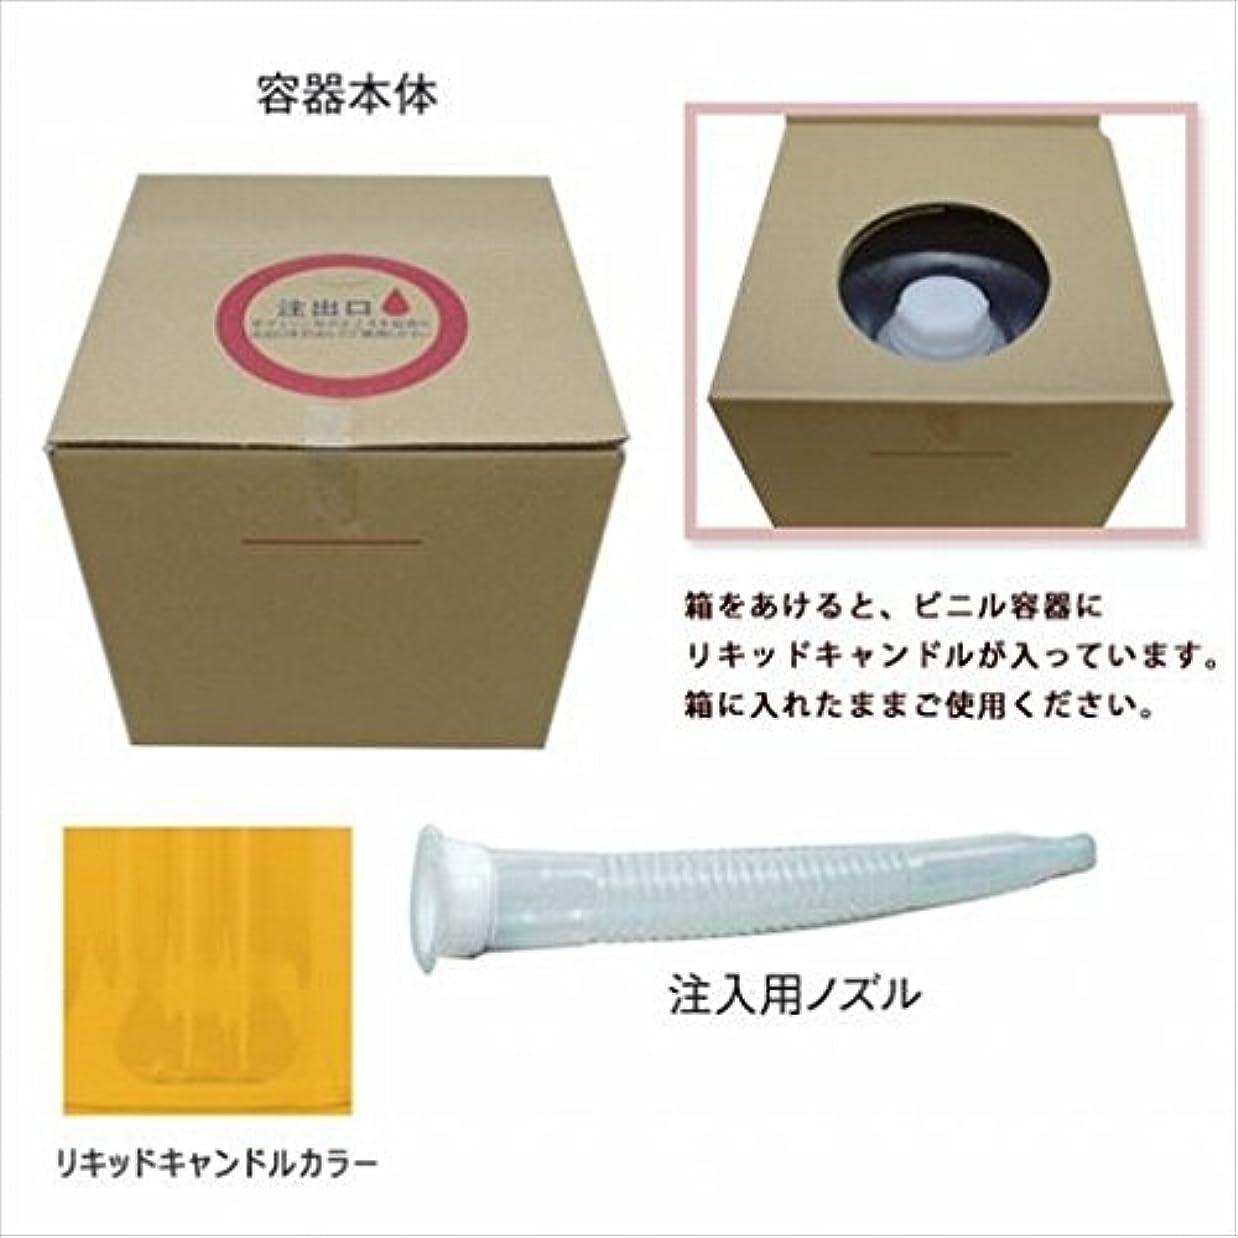 独占仮説モックカメヤマキャンドル(kameyama candle) リキッドキャンドル5リットル 「 イエロー 」